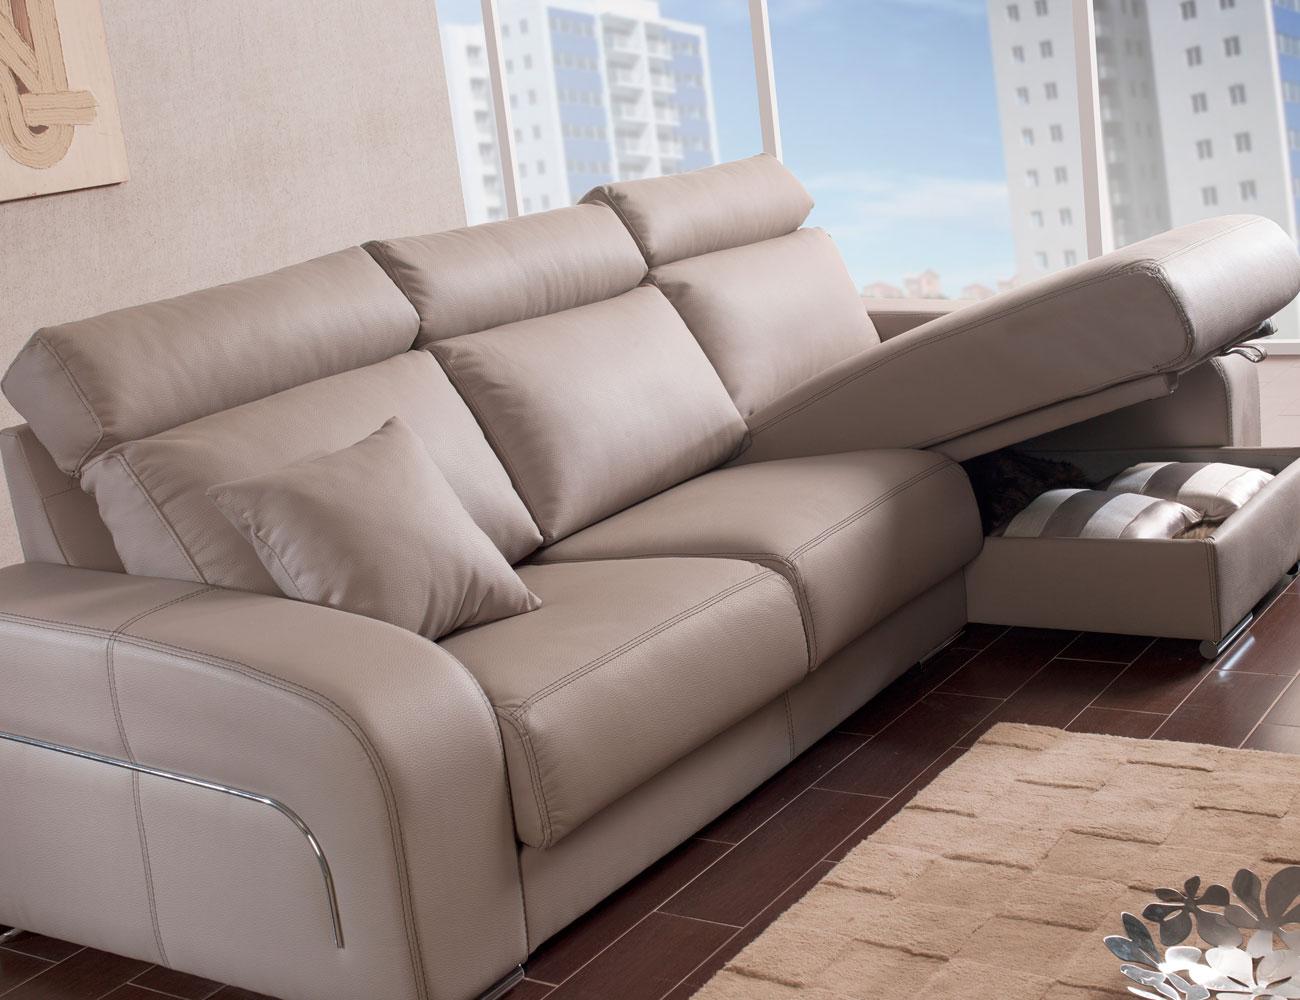 Sofa chaiselongue moderno pared cero arcon46